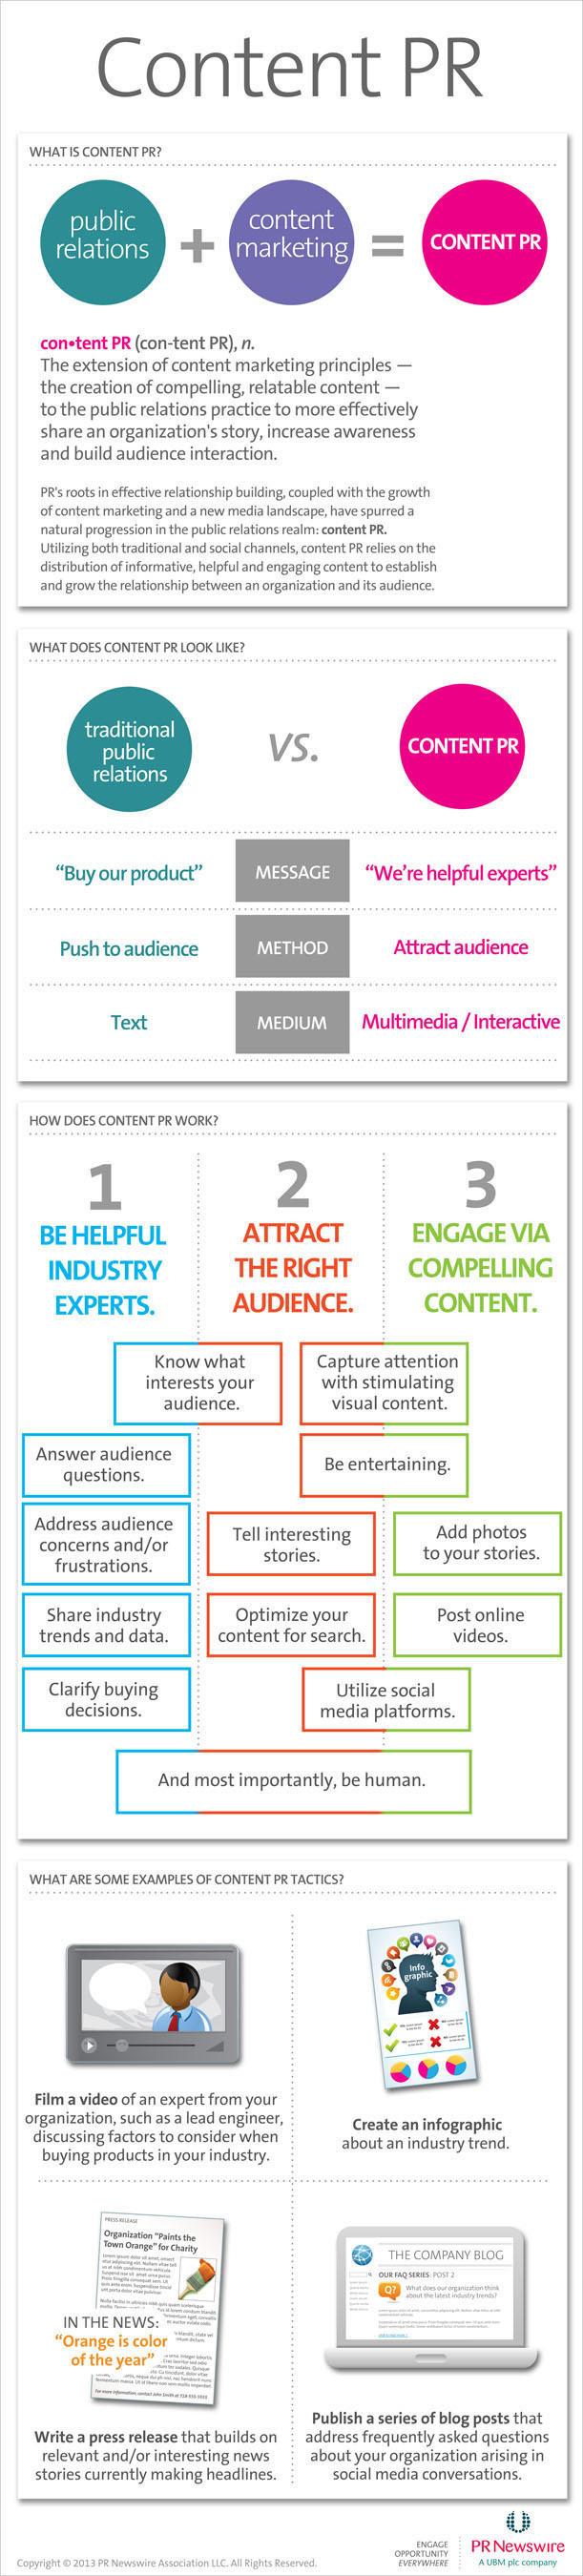 Content PR: An emerging trend blending content marketing & public relations tactics.  (PRNewsFoto/PR Newswire Association LLC)